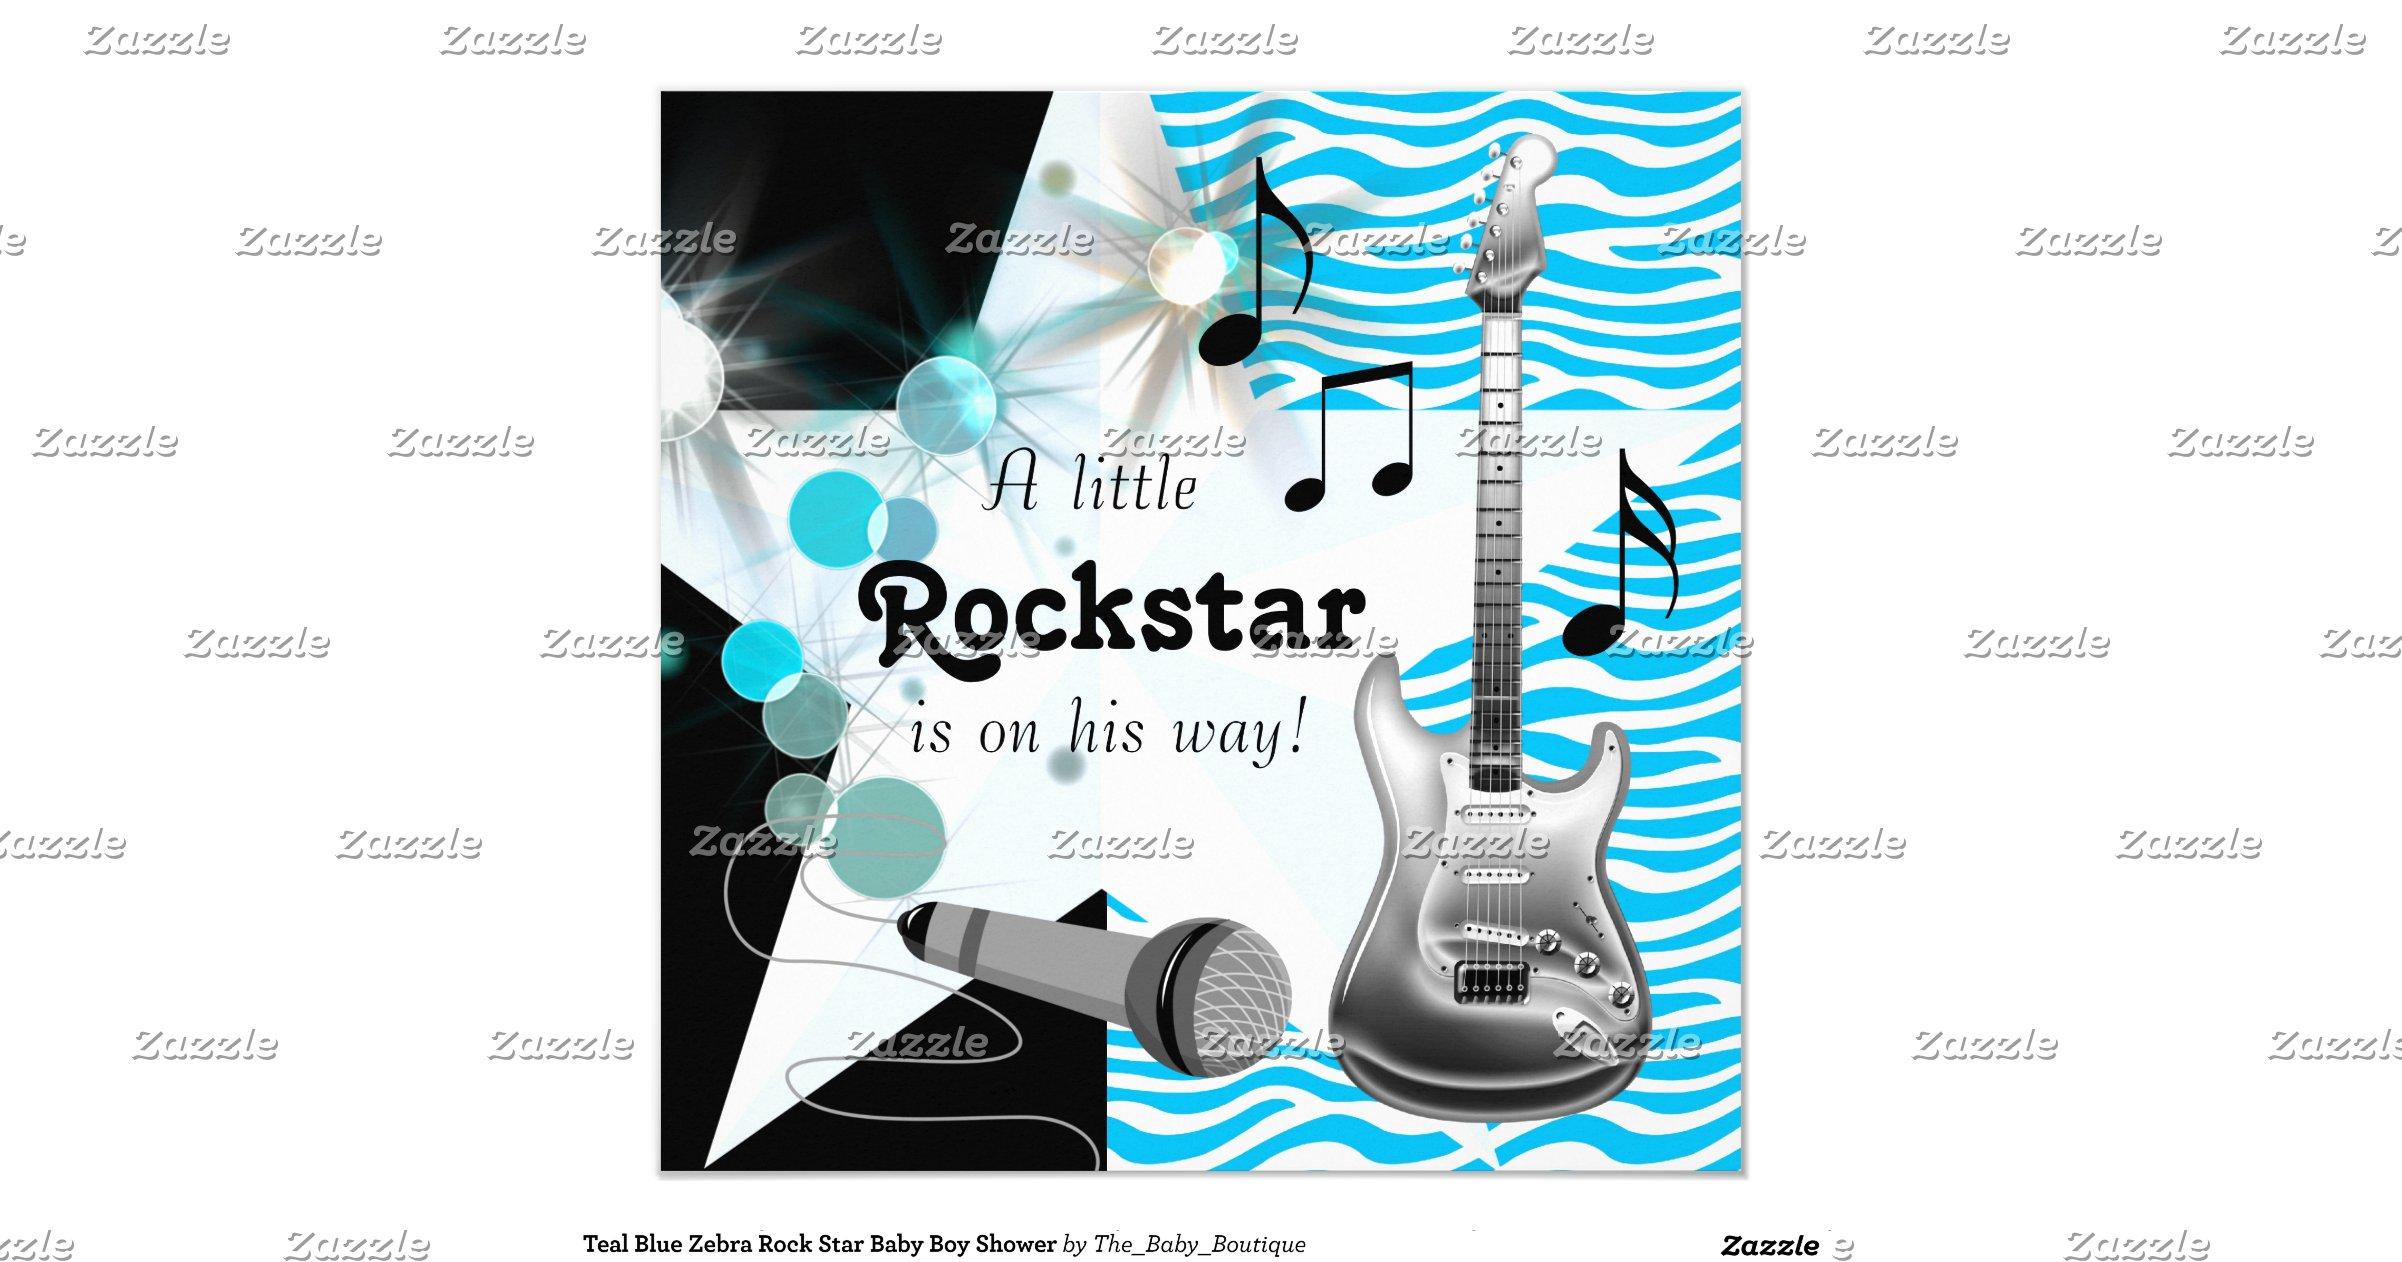 teal blue zebra rock star baby boy shower invitation. Black Bedroom Furniture Sets. Home Design Ideas